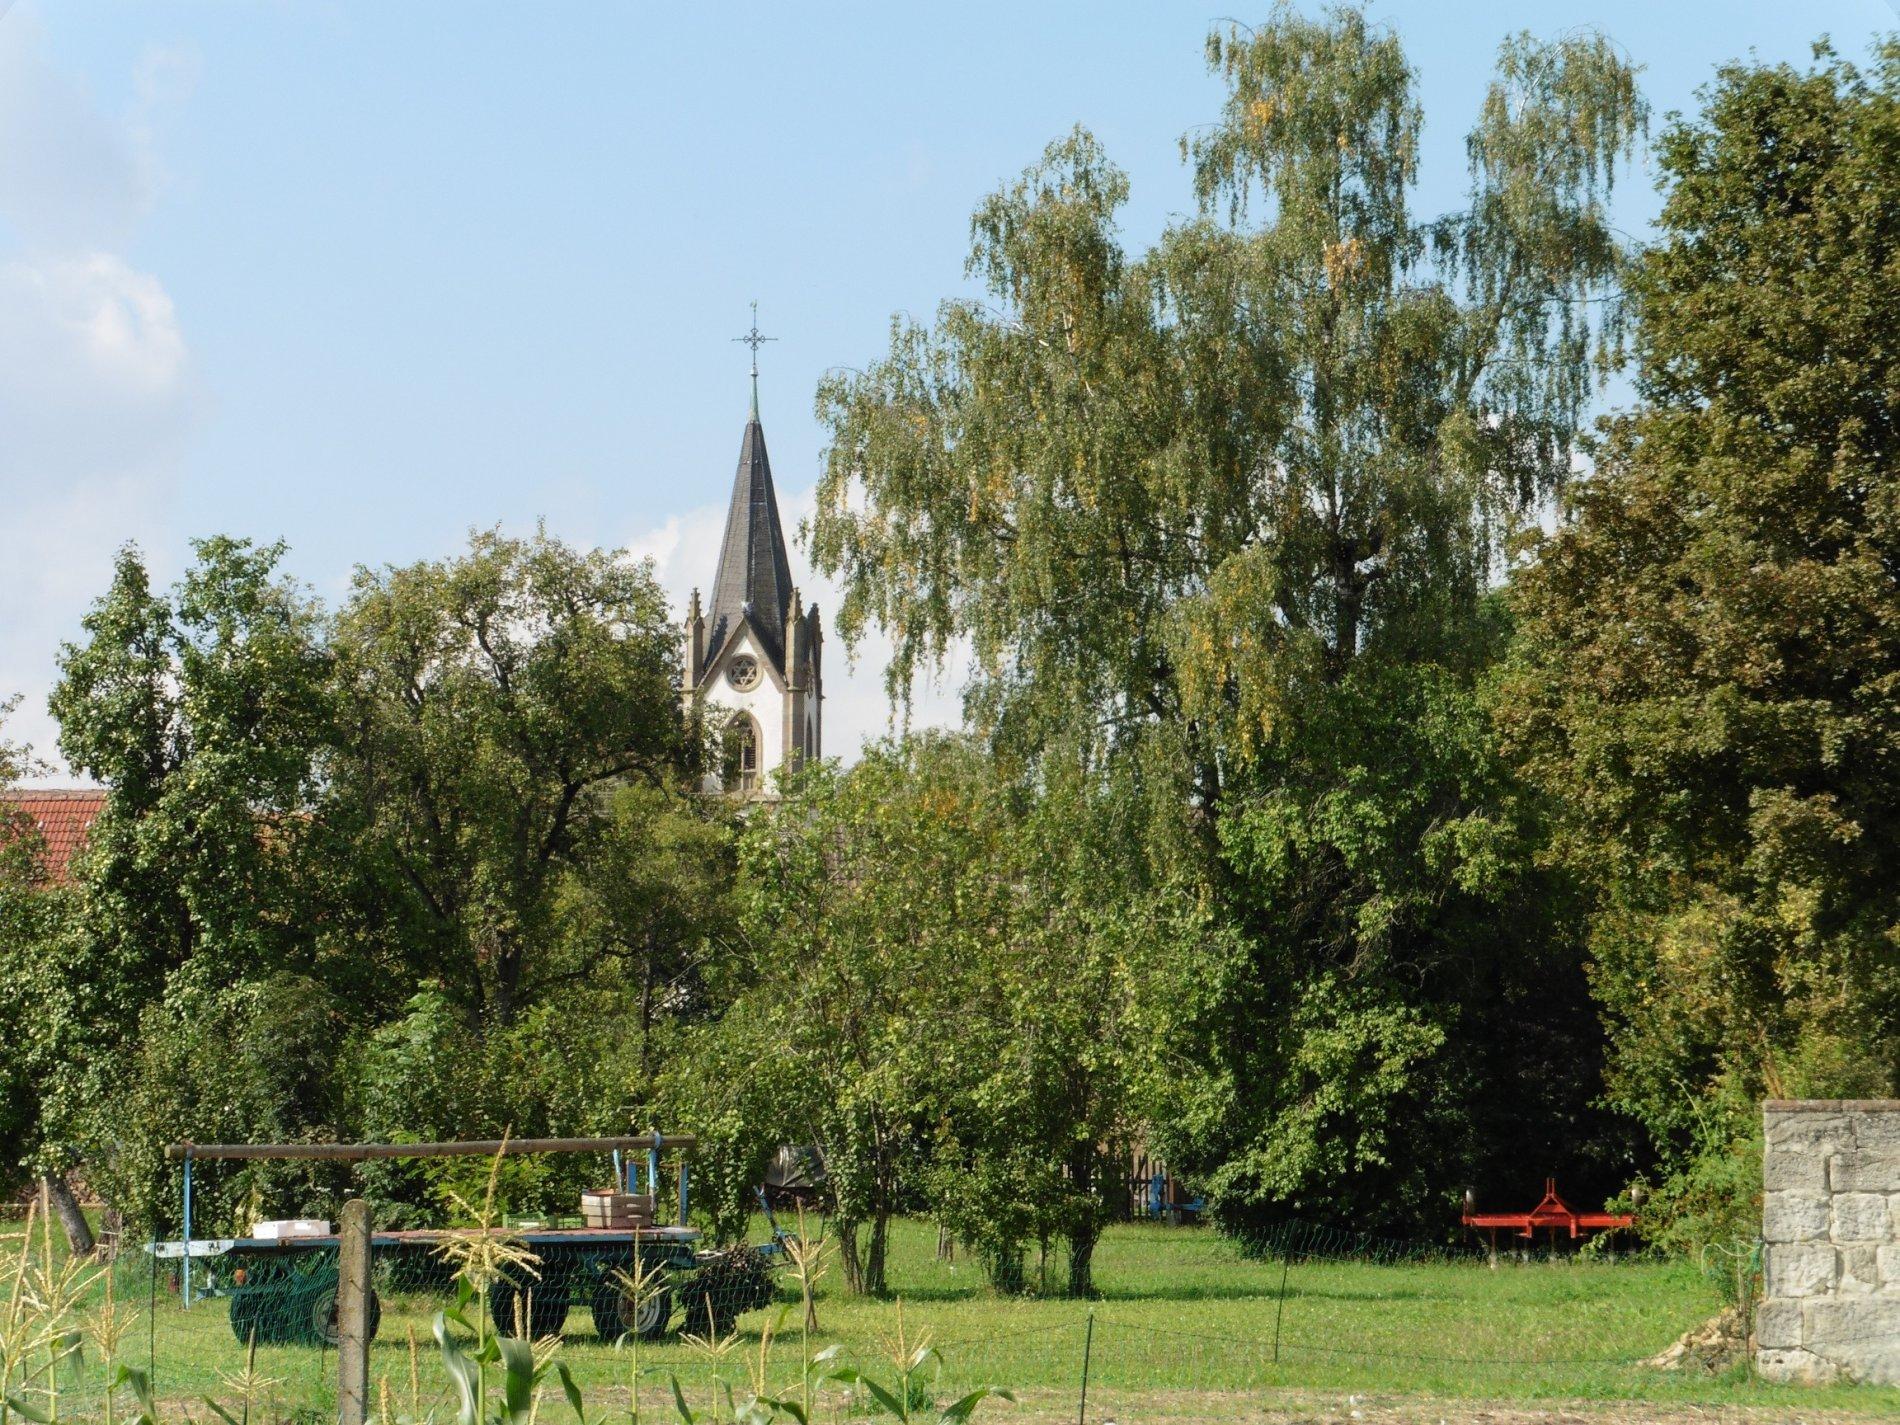 Blick auf die Kirche in Brittheim